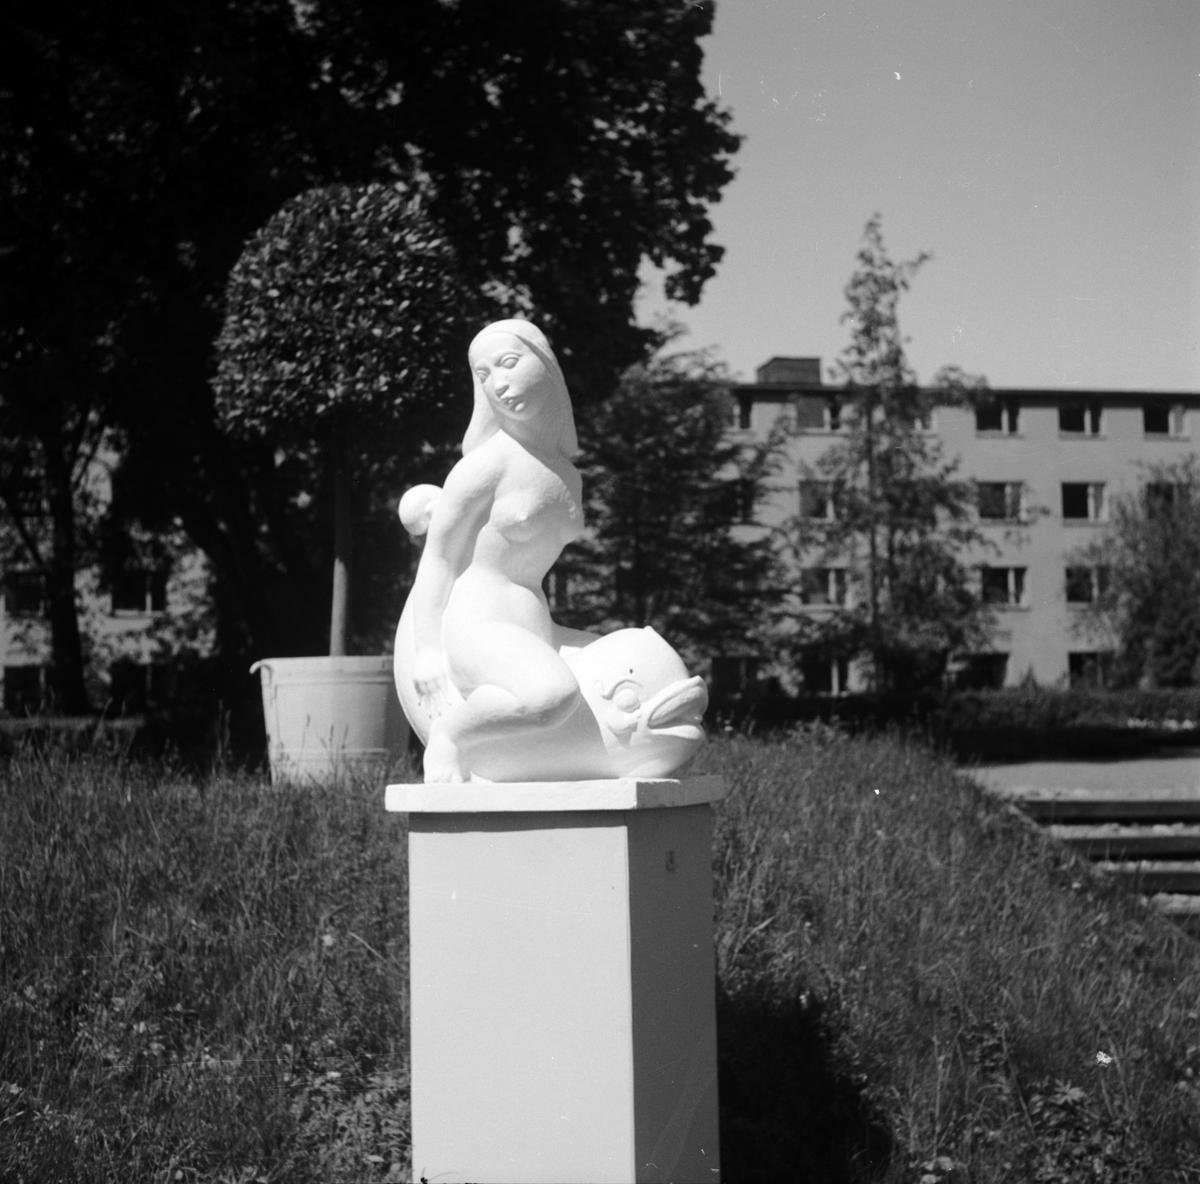 Upplands Konstförenings skulpturutställning i Linneträdgården, Uppsala våren 1947